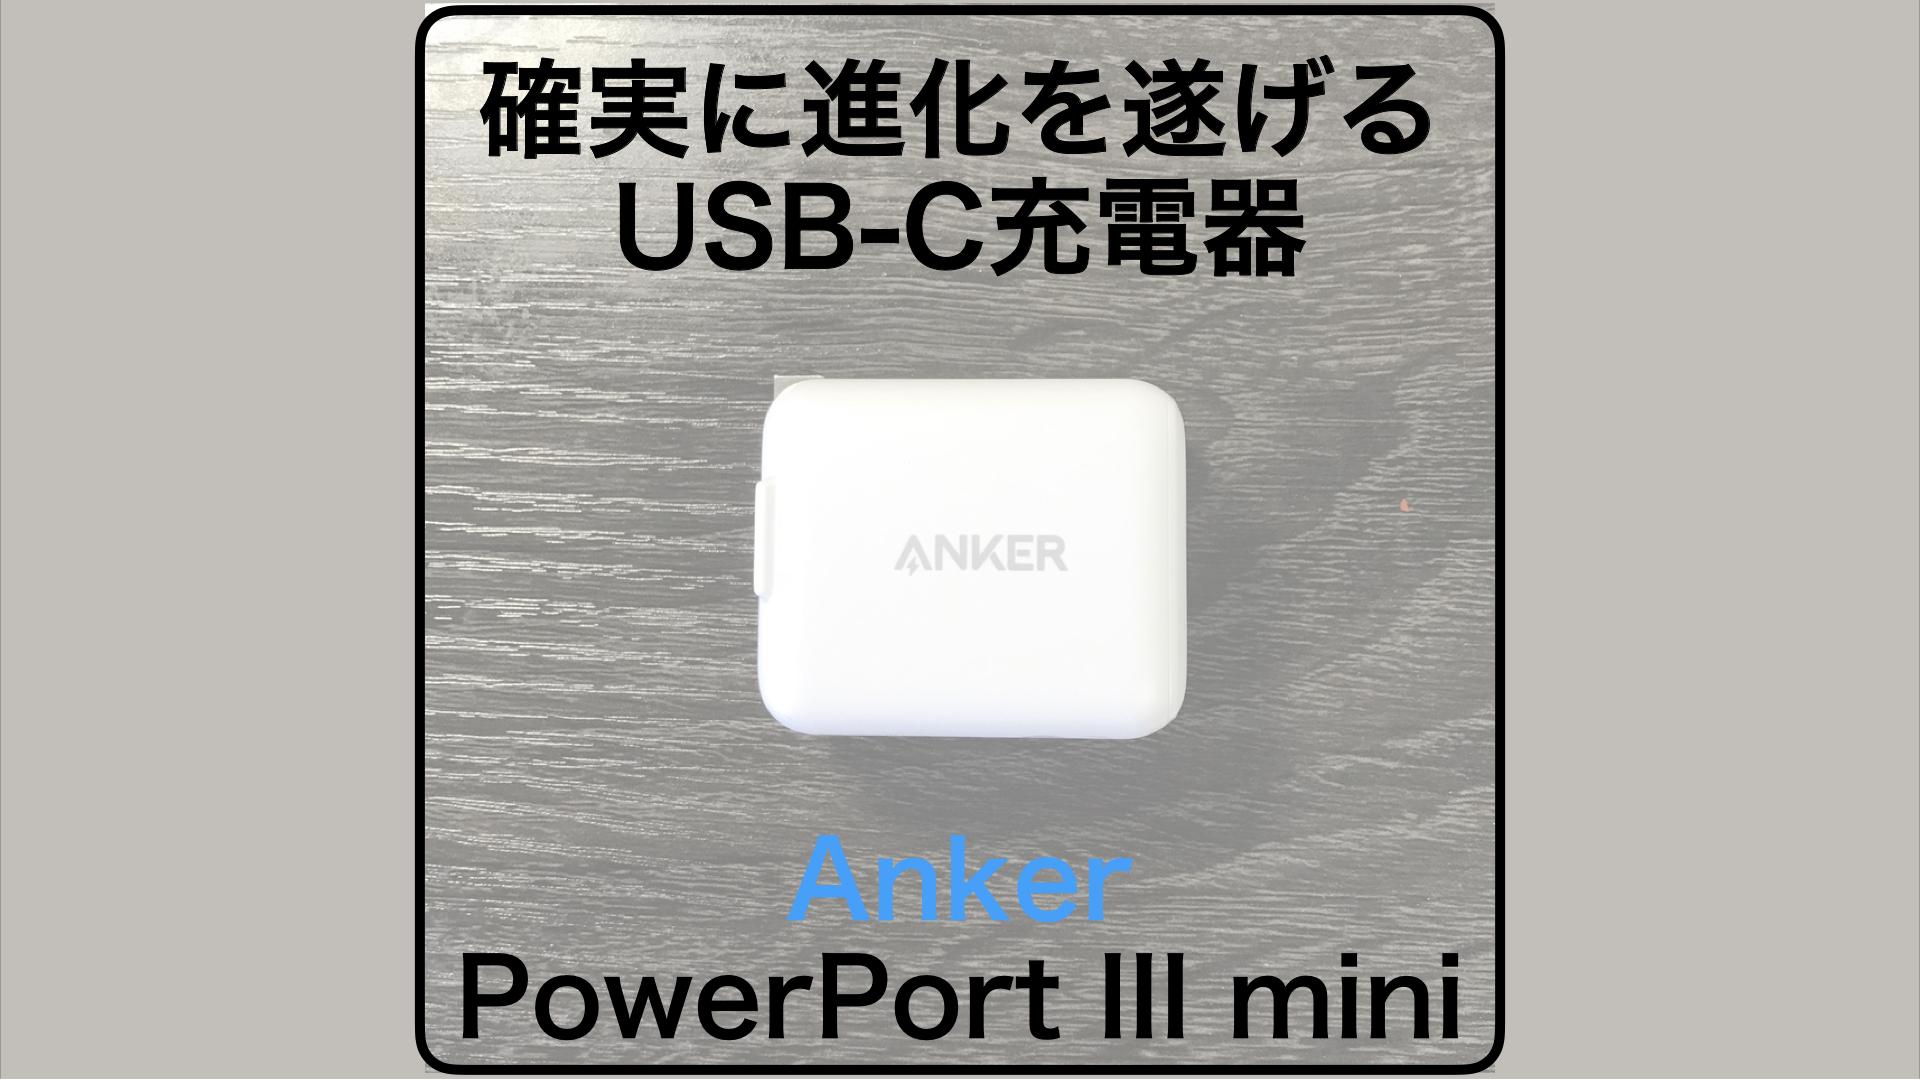 powerport iii mini